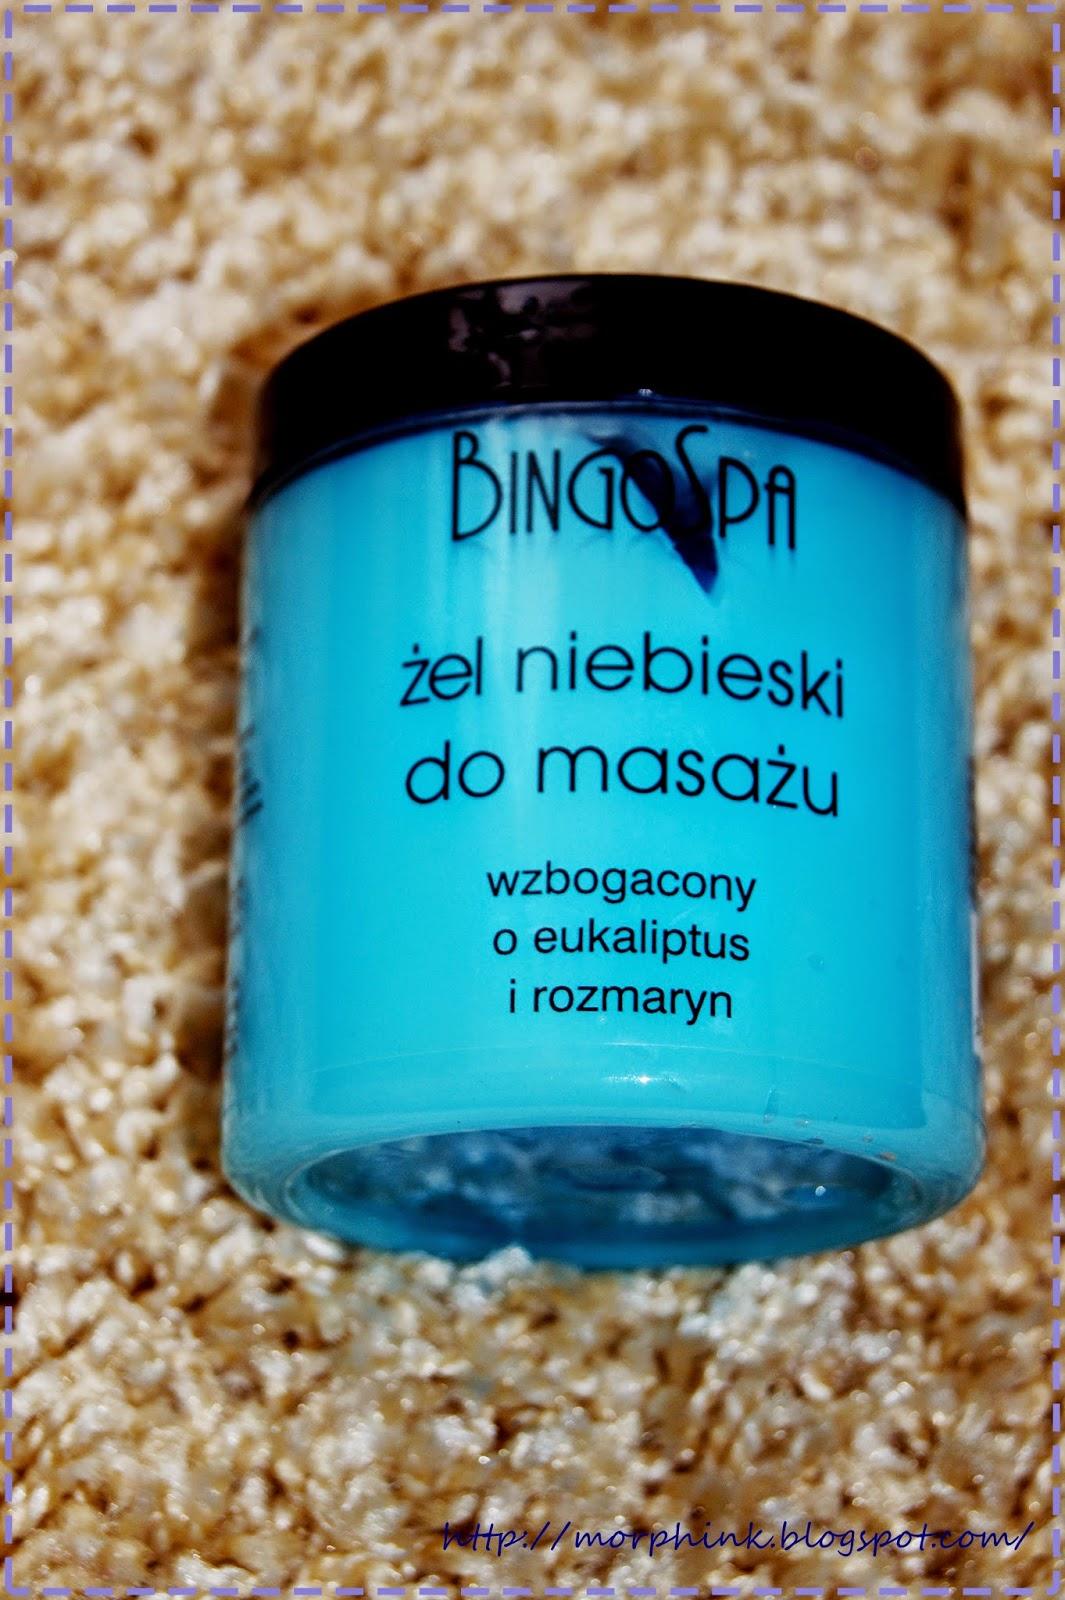 Żel niebieski do masażu z BingoSpa